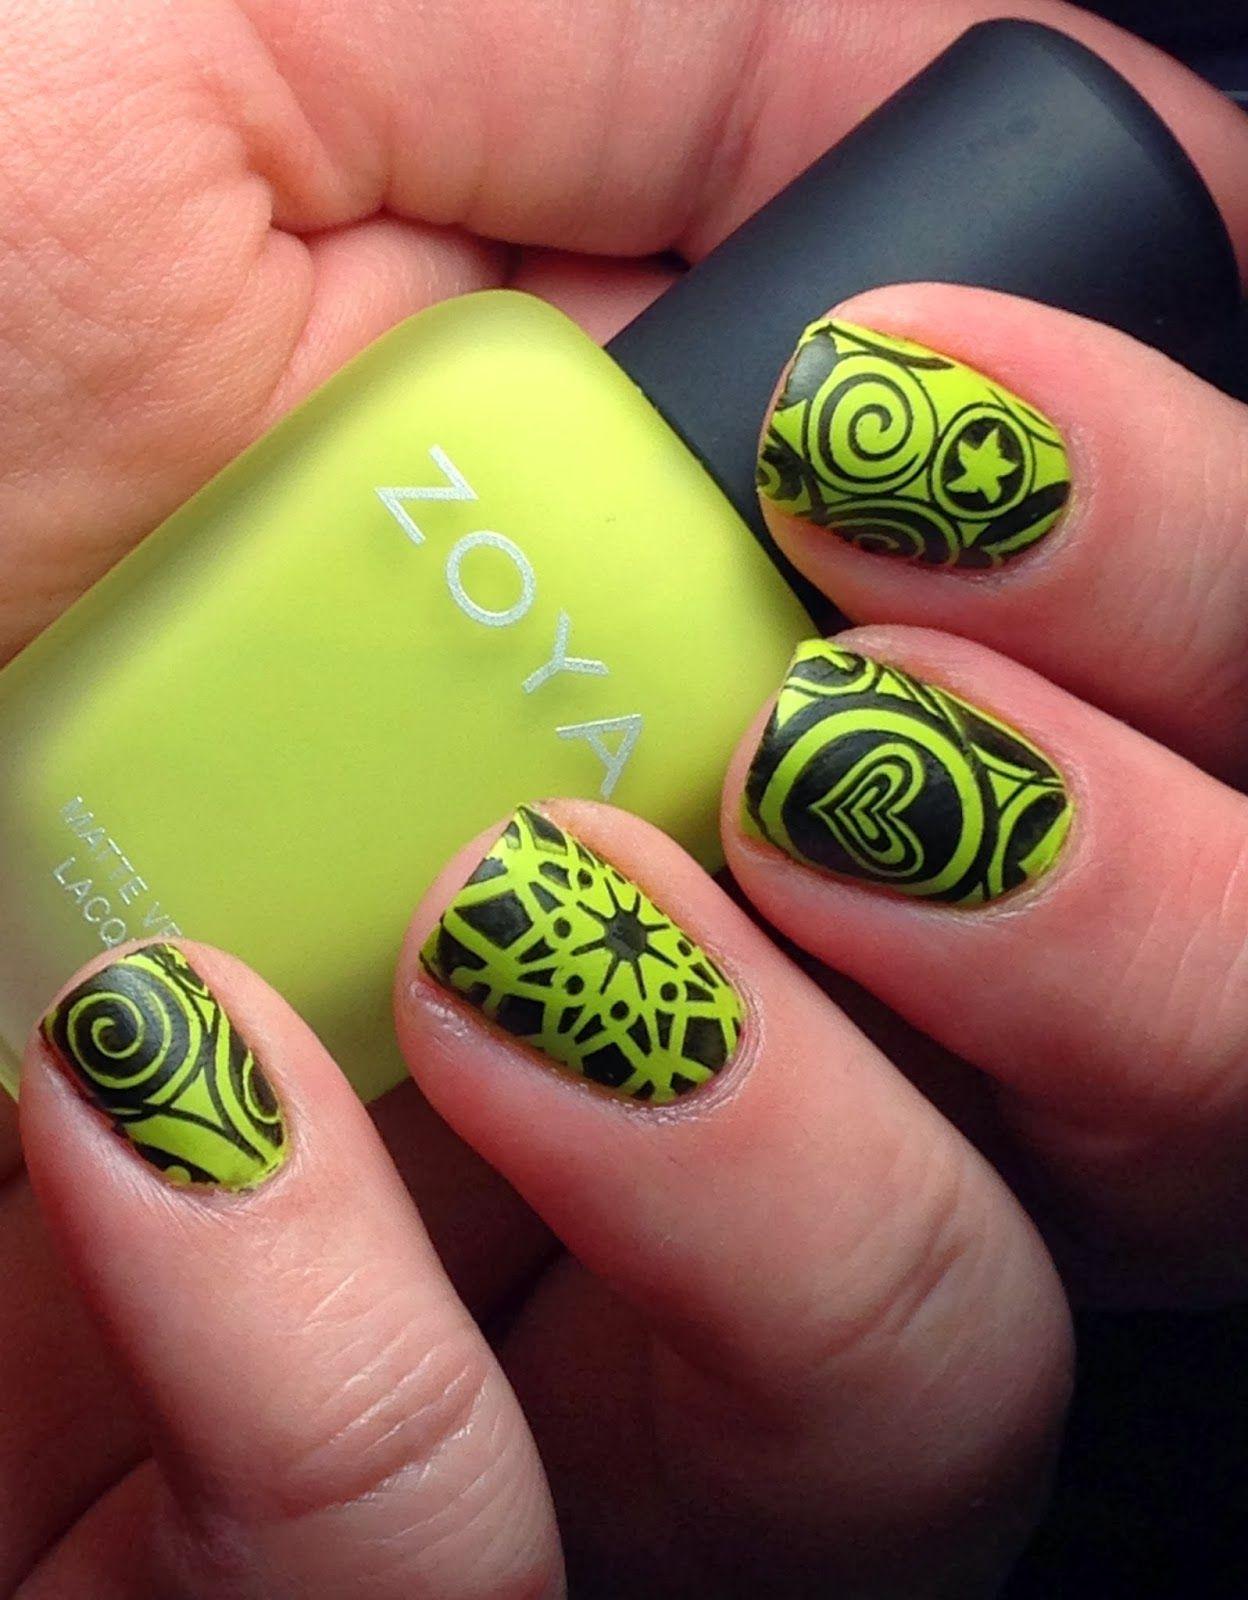 Pueen63 | Nails | Pinterest | Diseños de uñas, Inspiración y Galerías